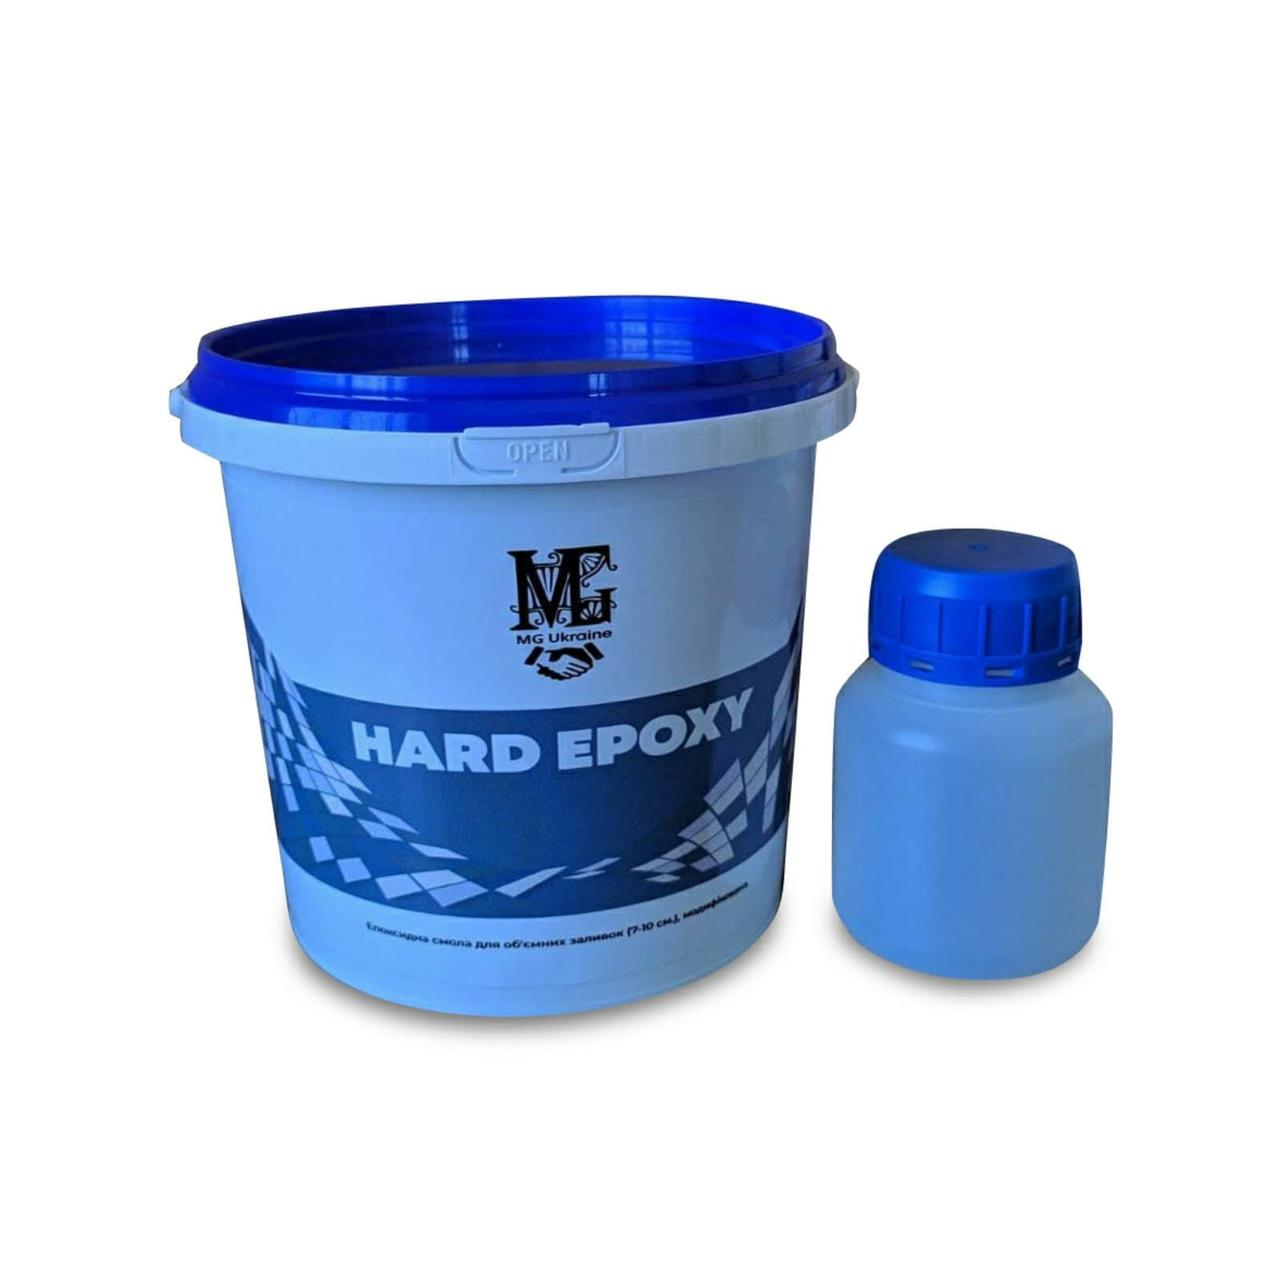 Эпоксидная смола для объемных заливок от 20 мм до 50 мм 1 кг Hard epoxy